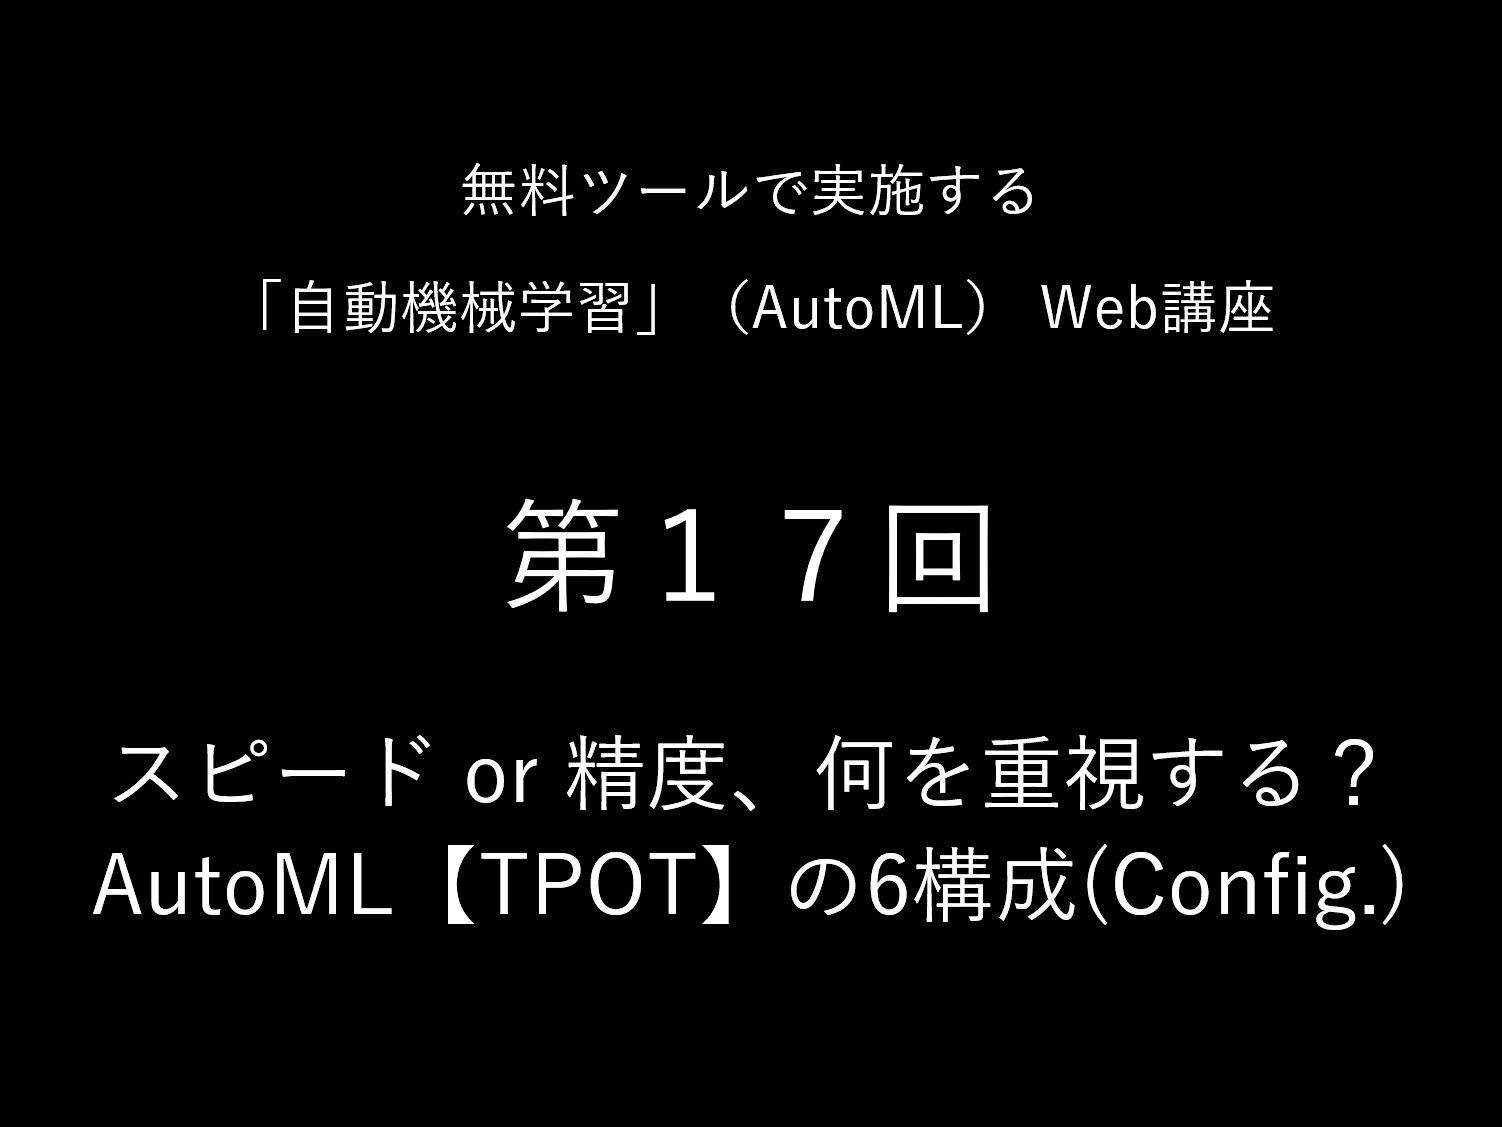 スピード or 精度、何を重視する?<br>AutoML【TPOT】の6構成(Config.)